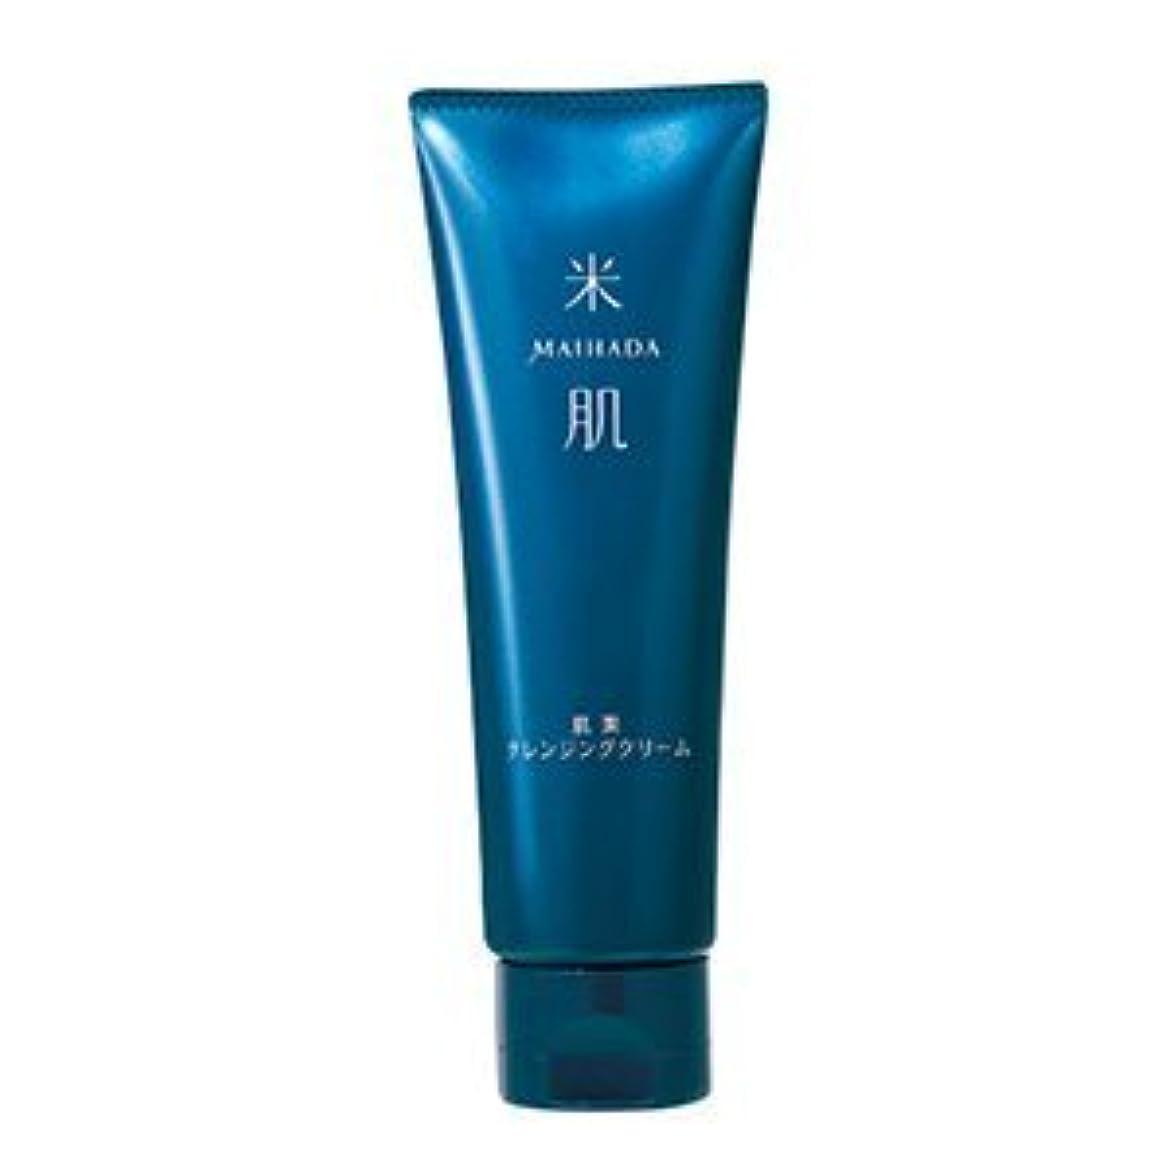 ビールミュート説明米肌(MAIHADA) 肌潤クレンジングクリーム コーセー KOSE